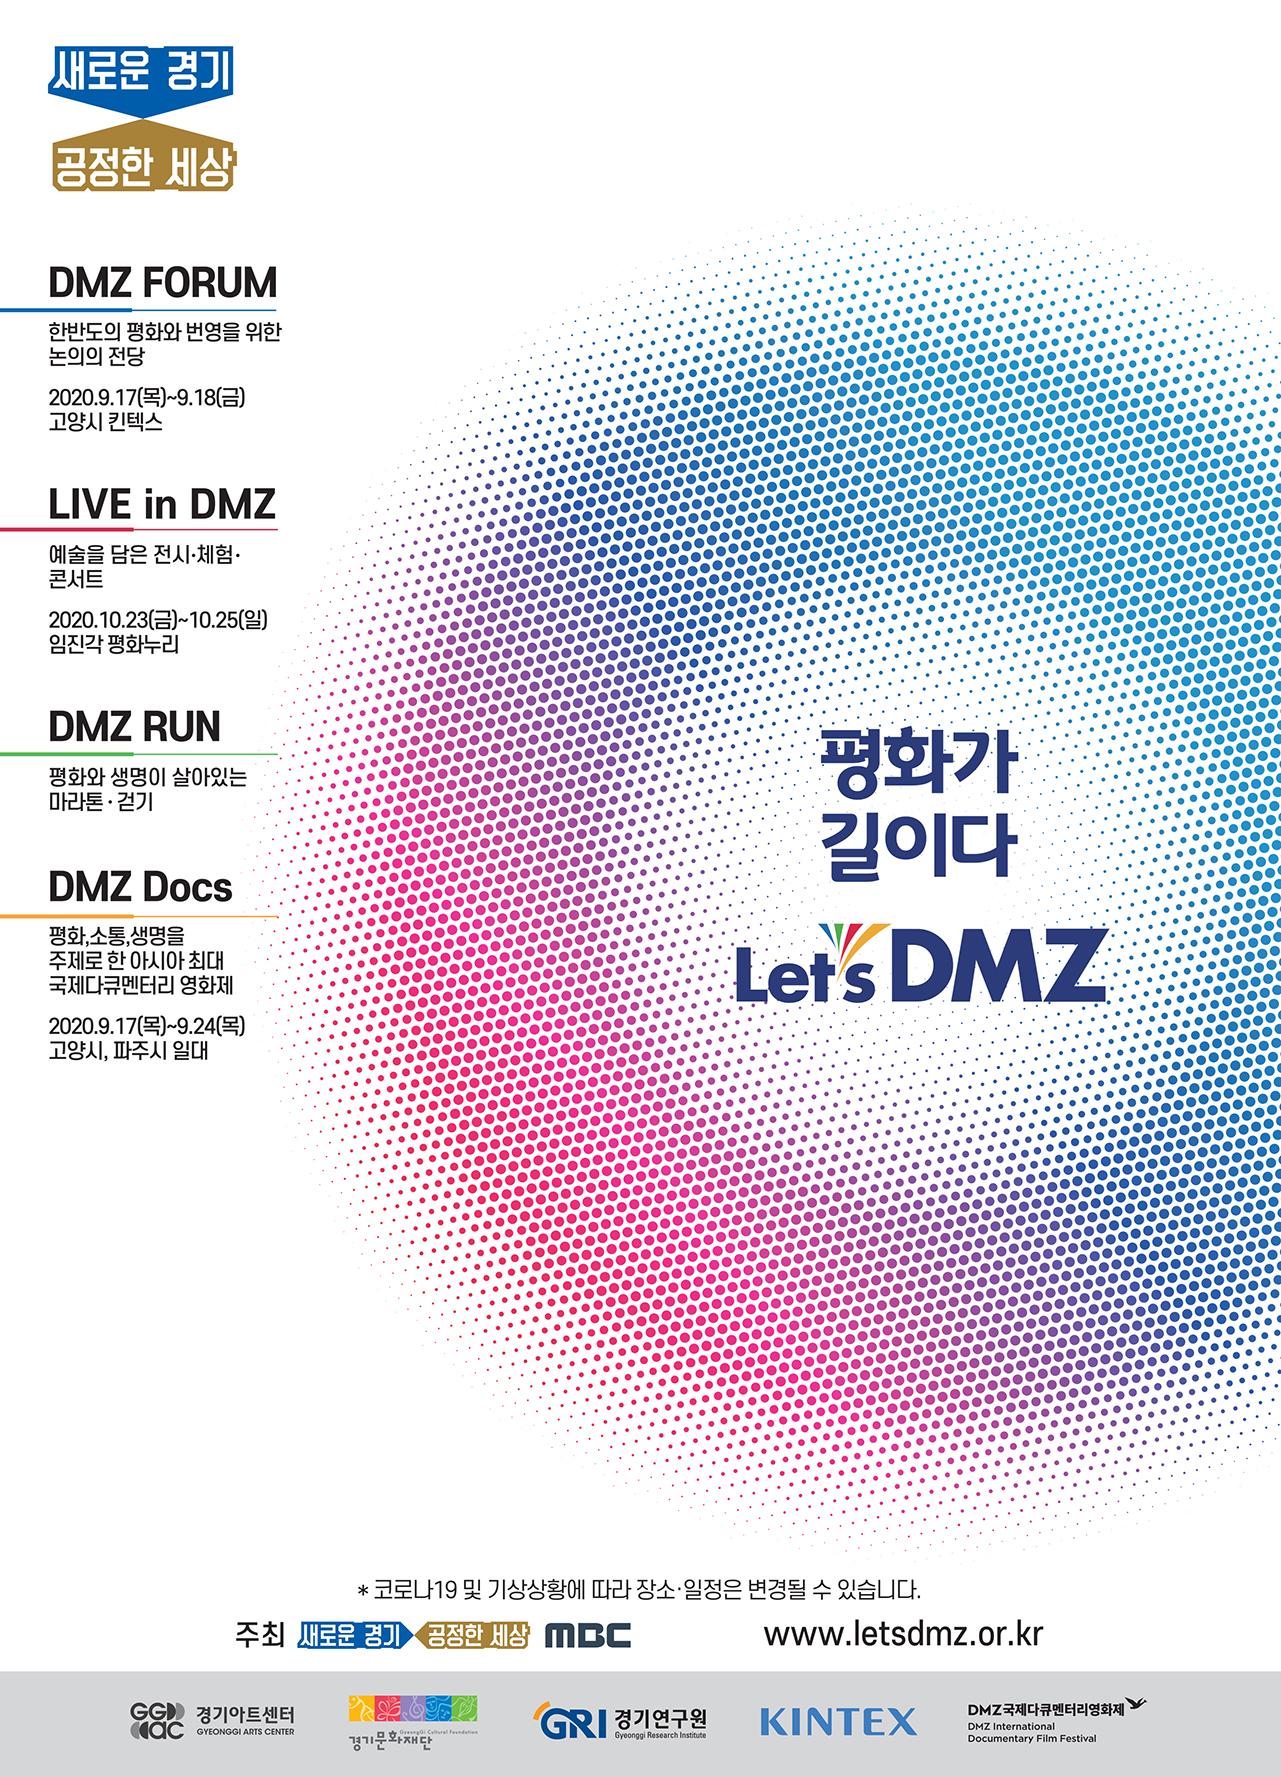 '평화가 길이다' Let's DMZ 2020